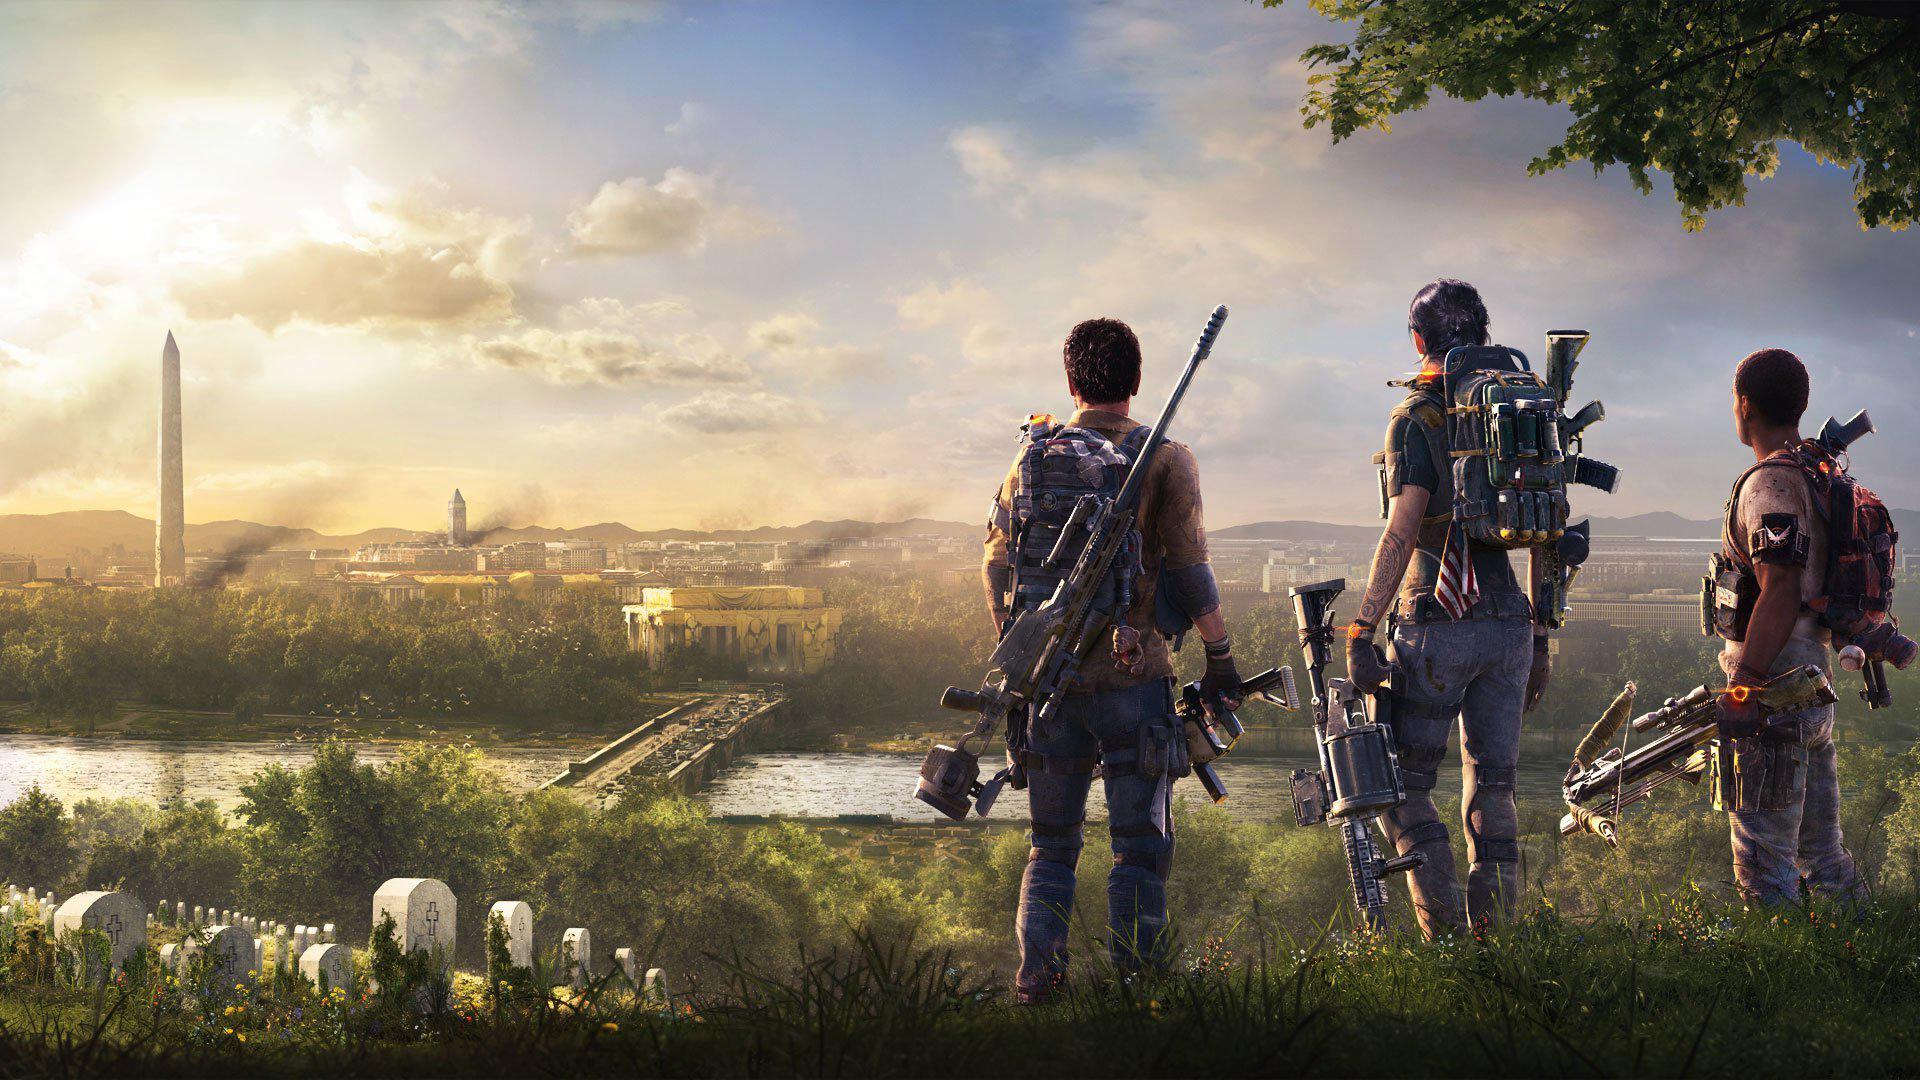 《全境封锁 2》IGN 评测 8.5 分:发售时就内容完备的合作射击游戏